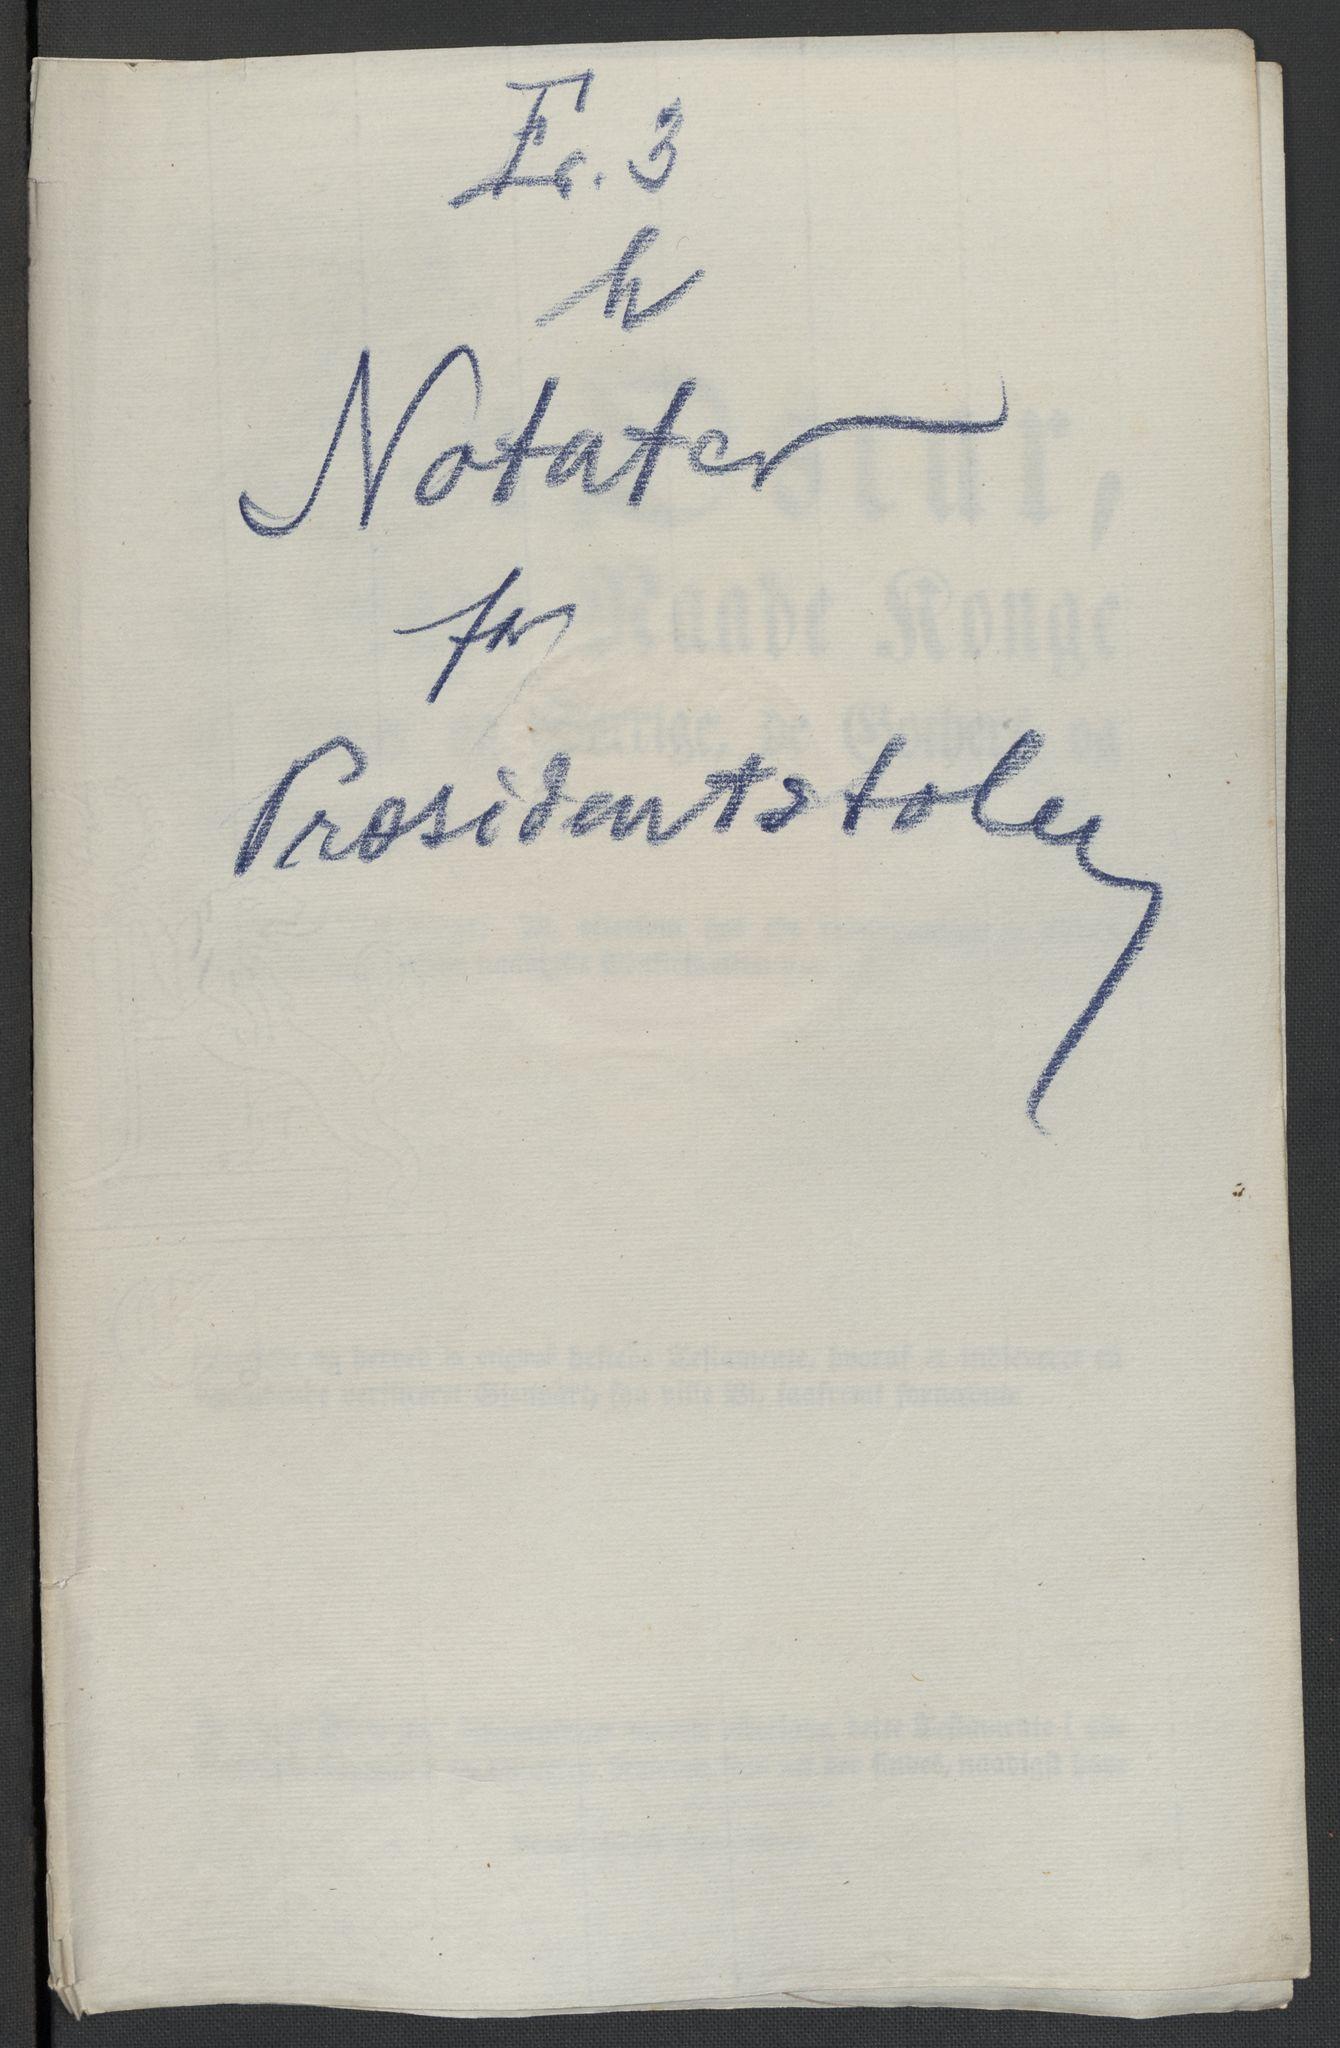 RA, Christie, Wilhelm Frimann Koren, F/L0005, 1815-1816, s. 183